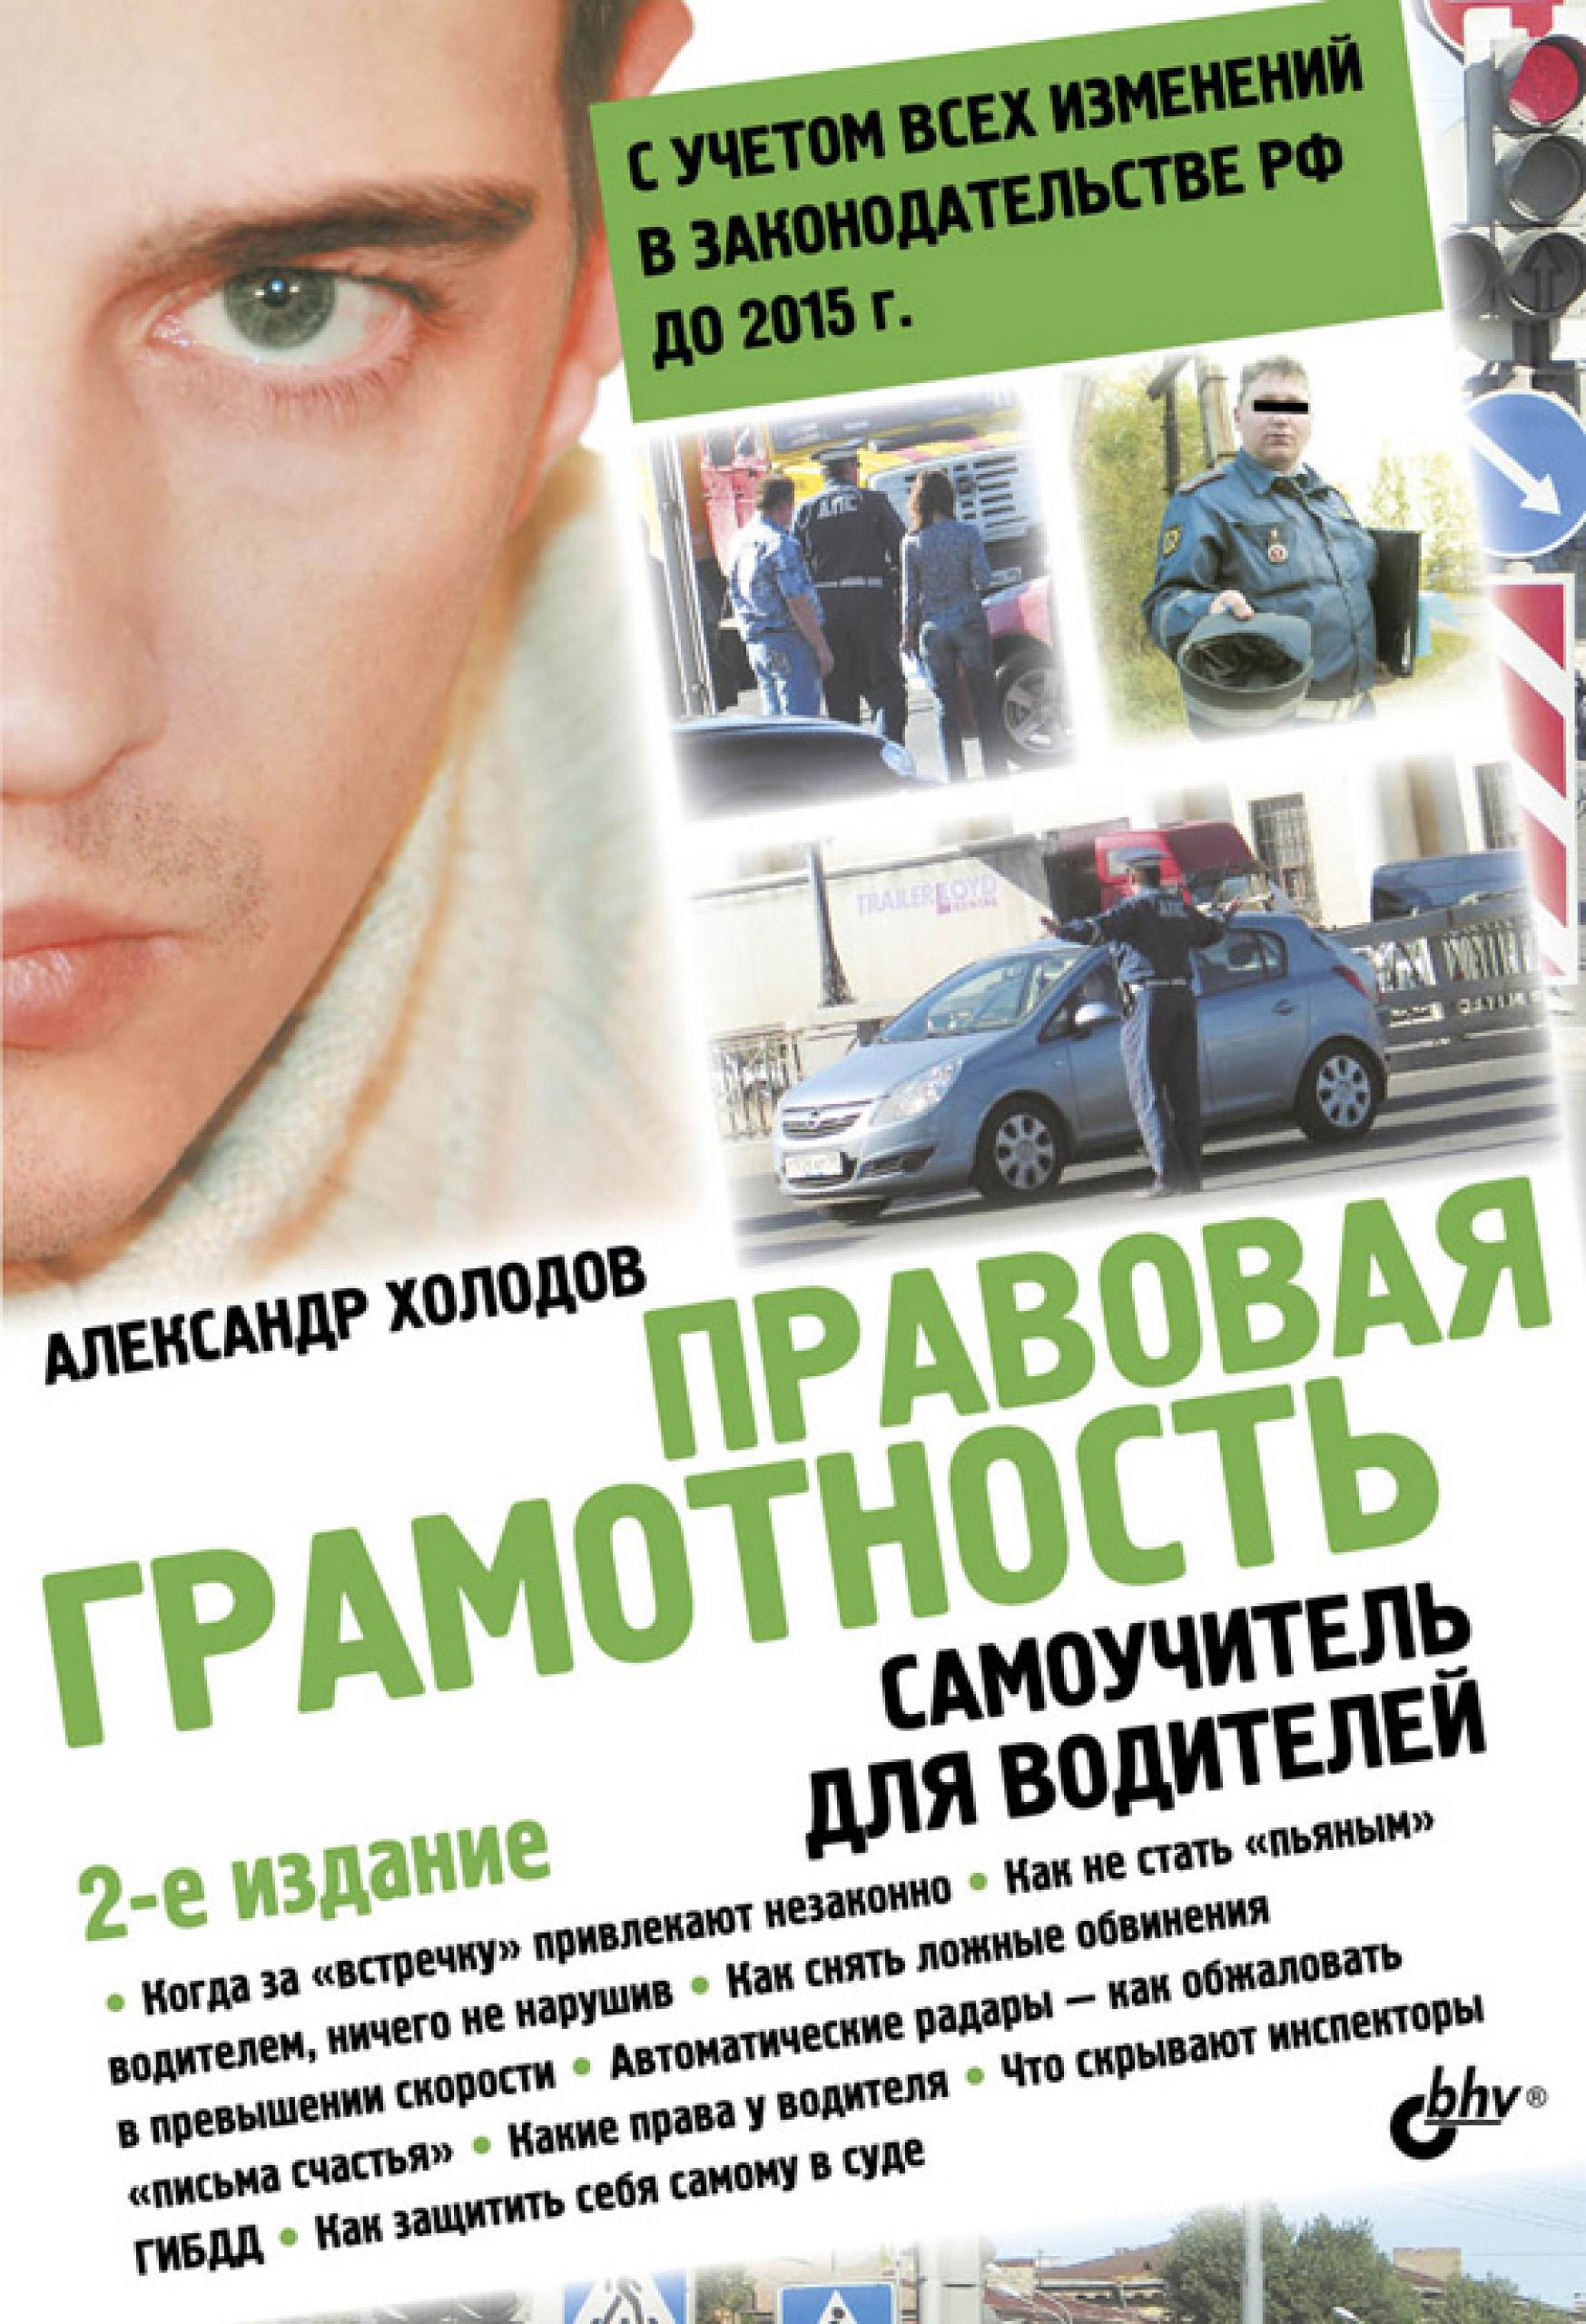 Александр Холодов Правовая грамотность. Самоучитель для водителей